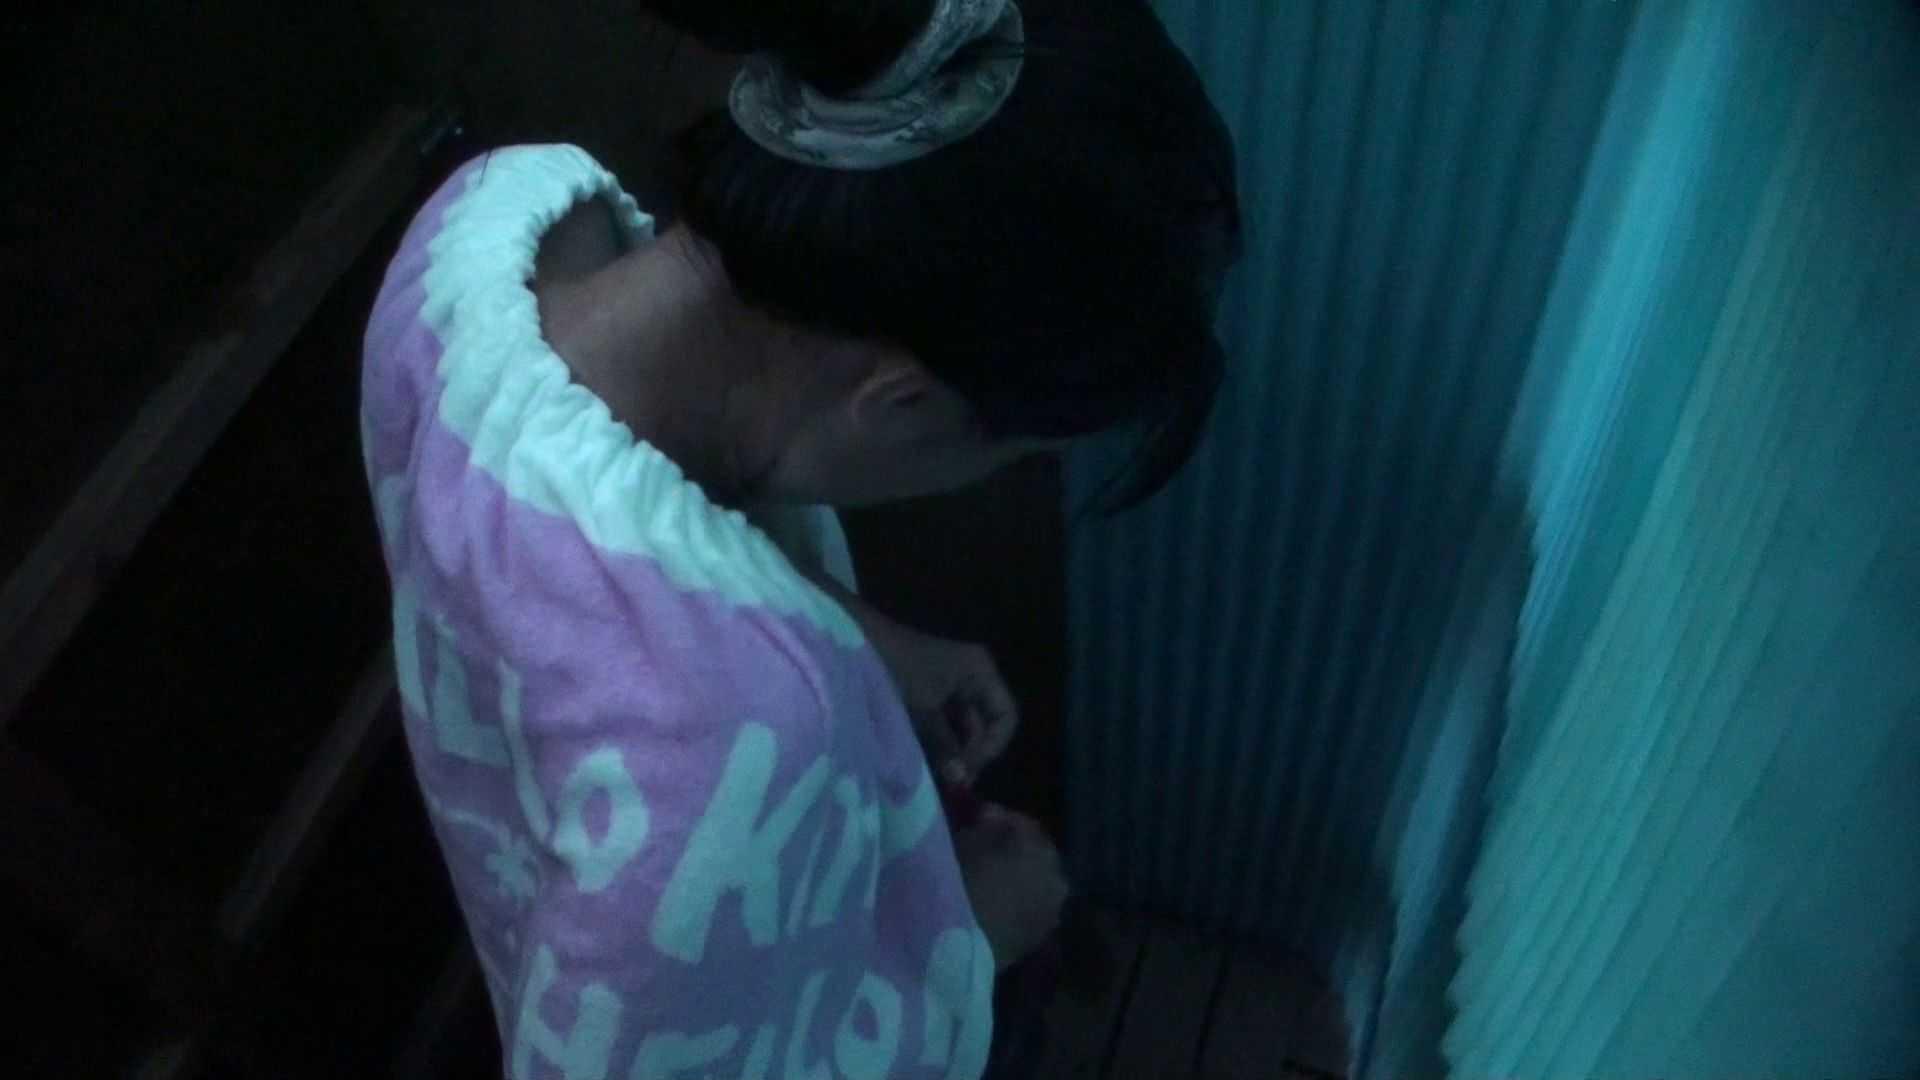 シャワールームは超!!危険な香りVol.26 大学生風美形ギャル 暗さが残念! 高画質 盗み撮りオマンコ動画キャプチャ 86pic 39